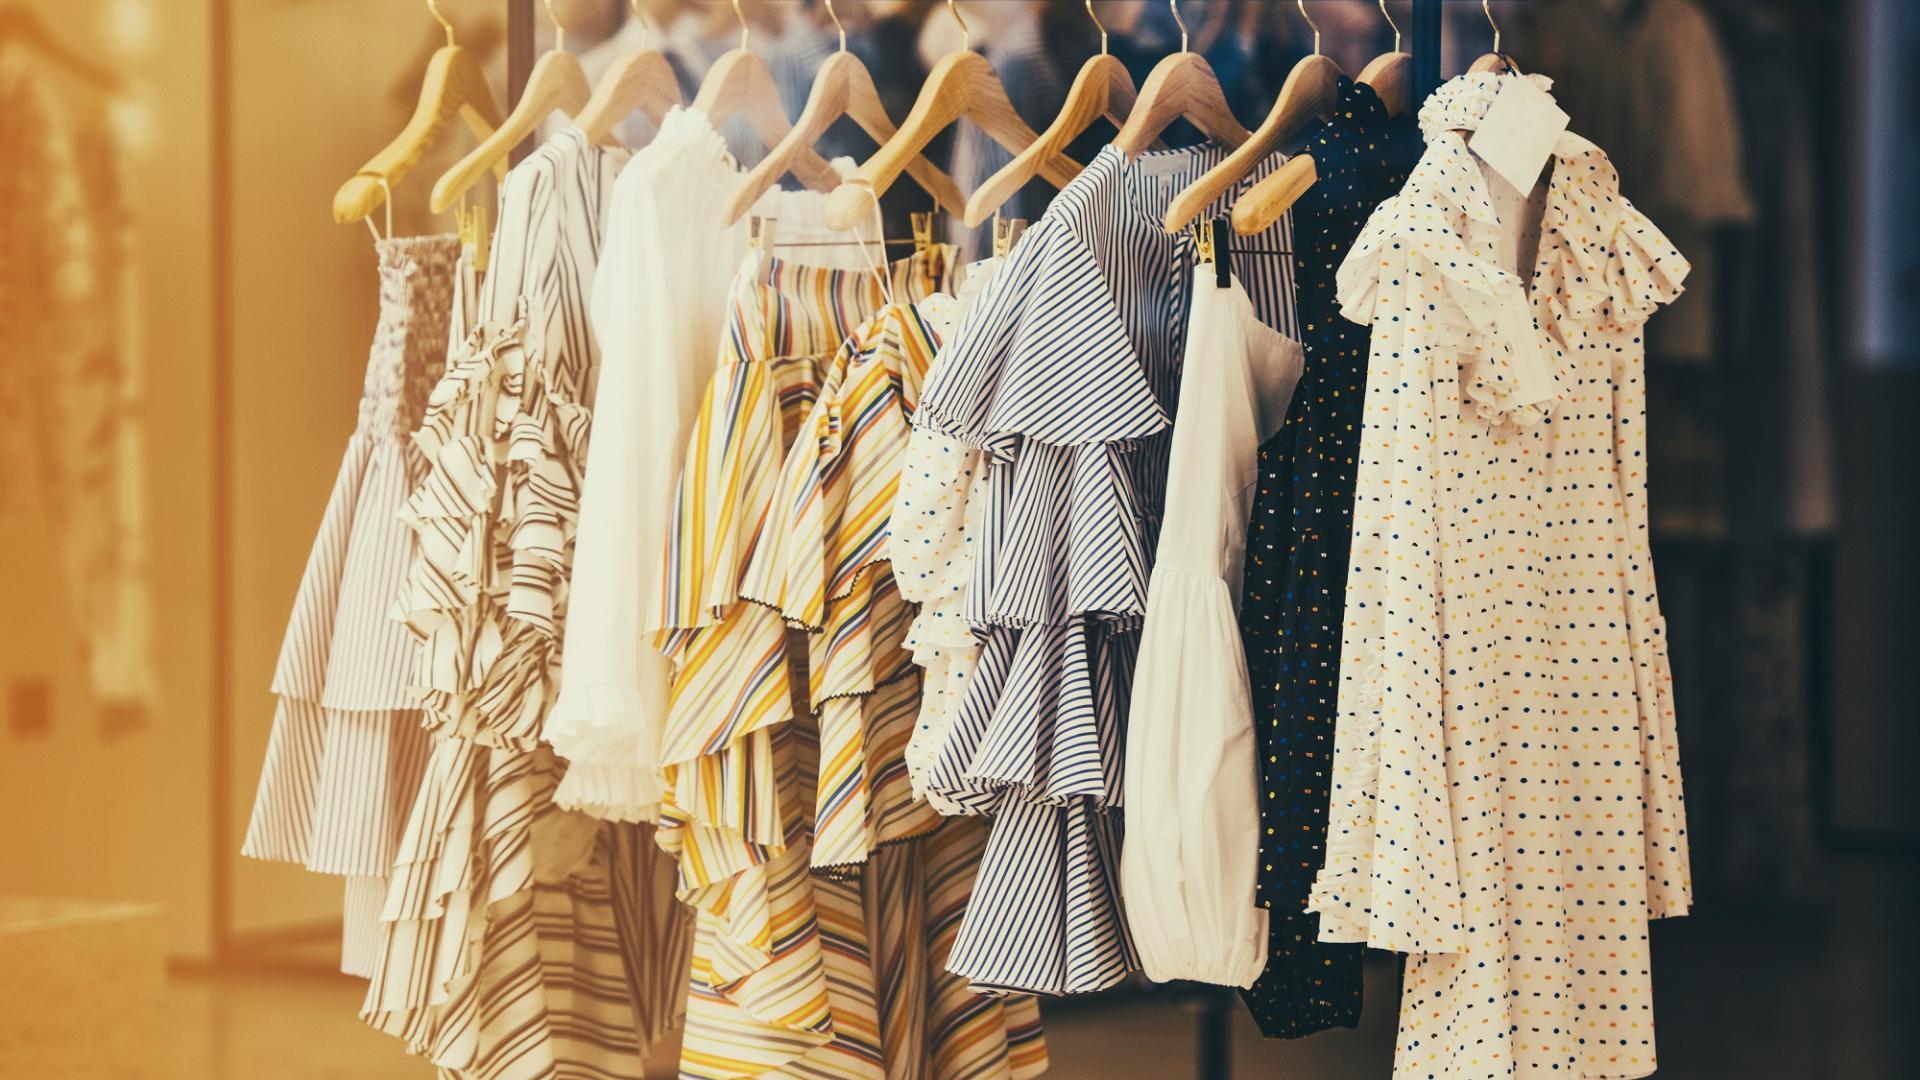 Kleider, Stange, Marken, Mode